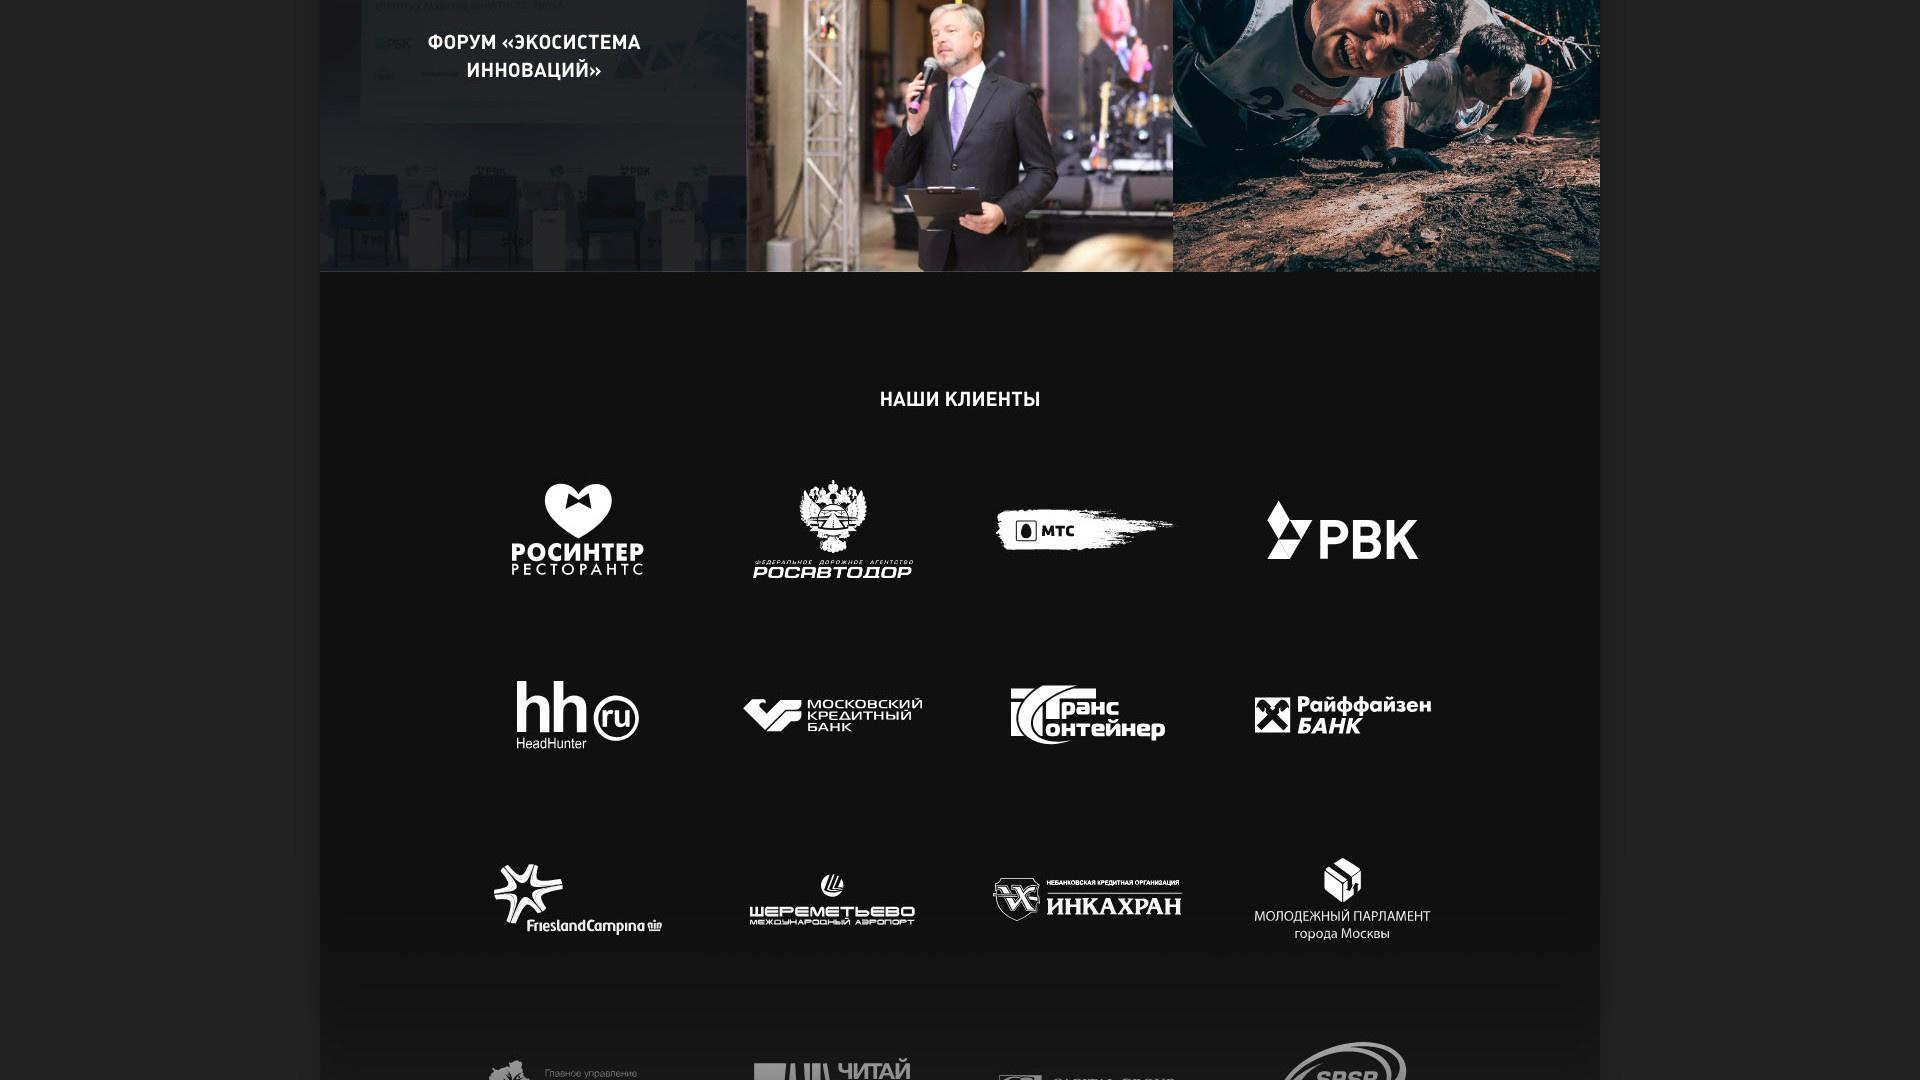 Взять займ онлайн экспресс ru vzyat-zaym.su